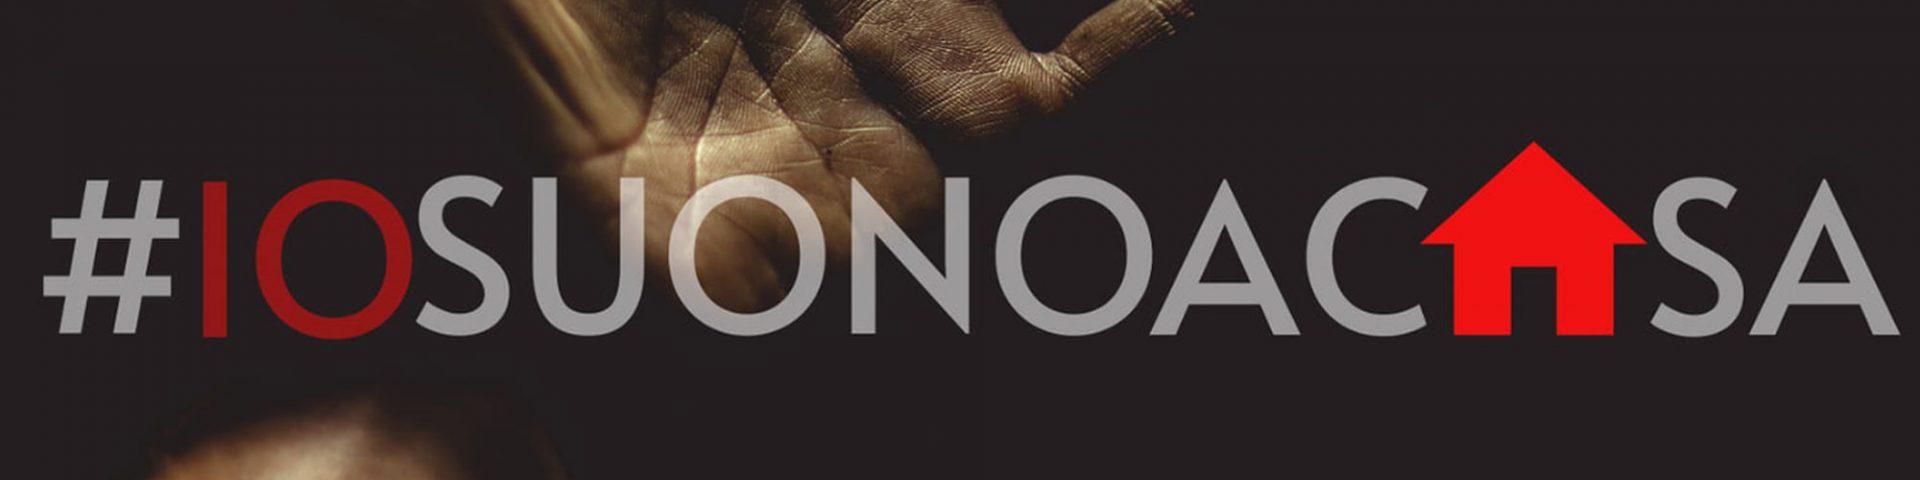 Nasce l'iniziativa #iosuonoacasa: tutti i dettagli